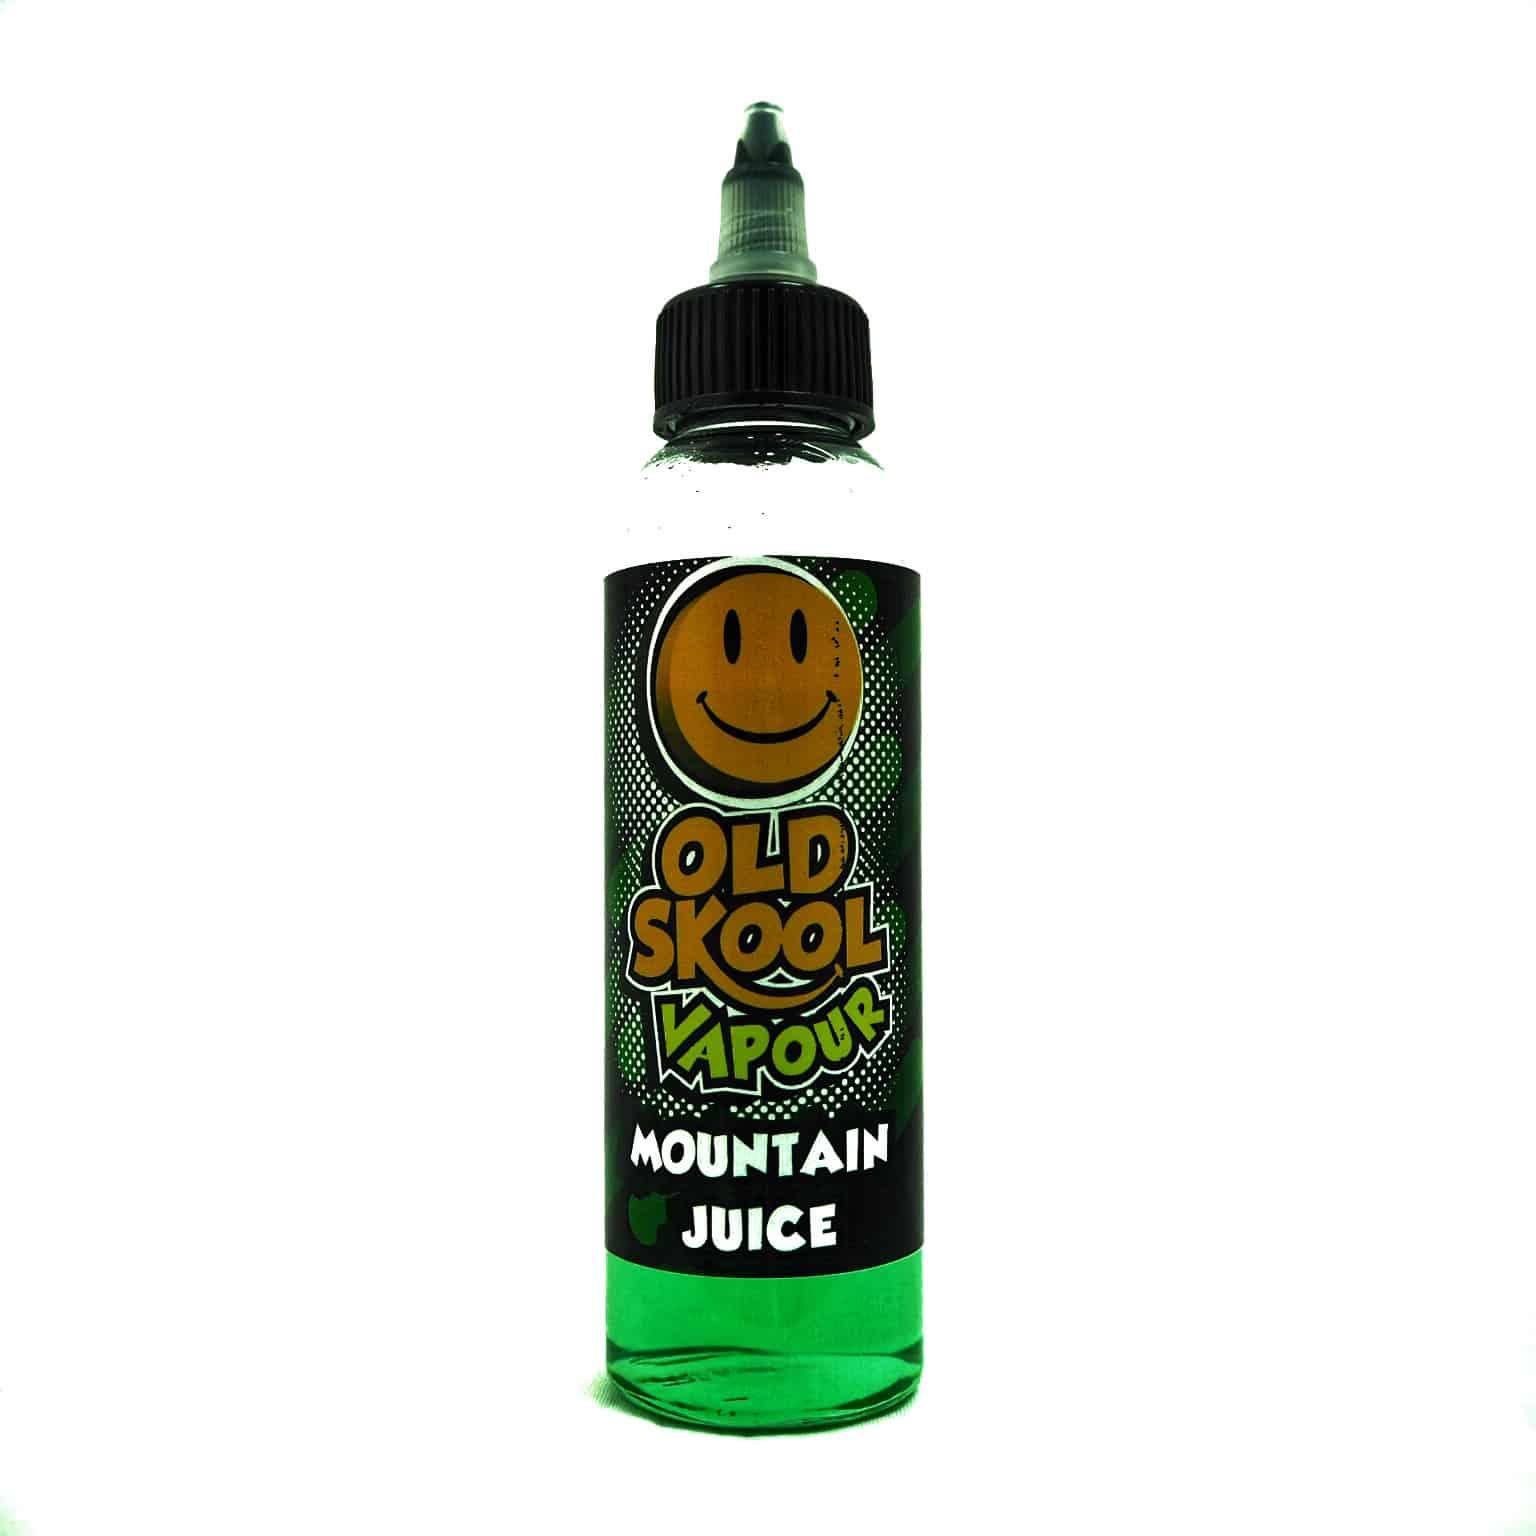 Mountain Juice  – OLD SKOOL VAPOUR! 80/20